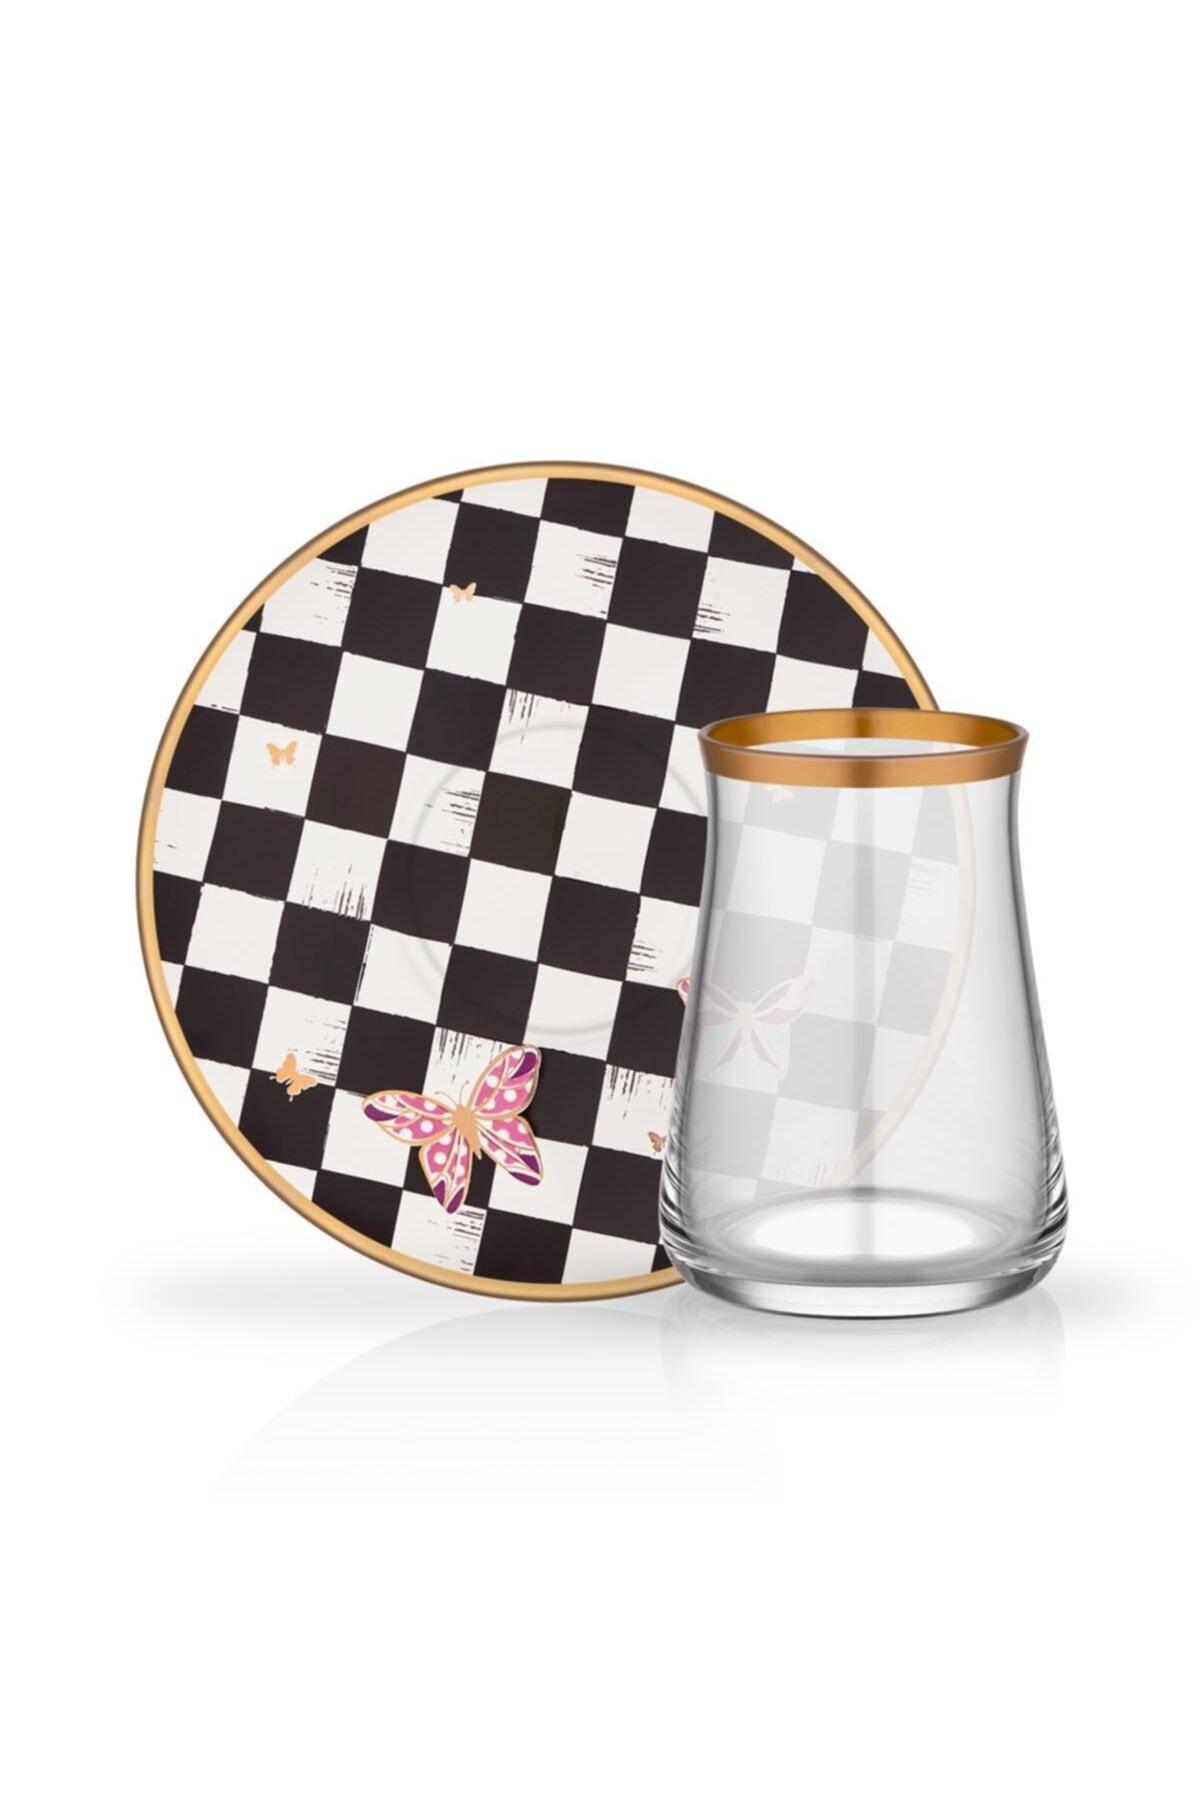 Glore Emma Damalı 6 Kişilik Çay Bardağı Seti 1